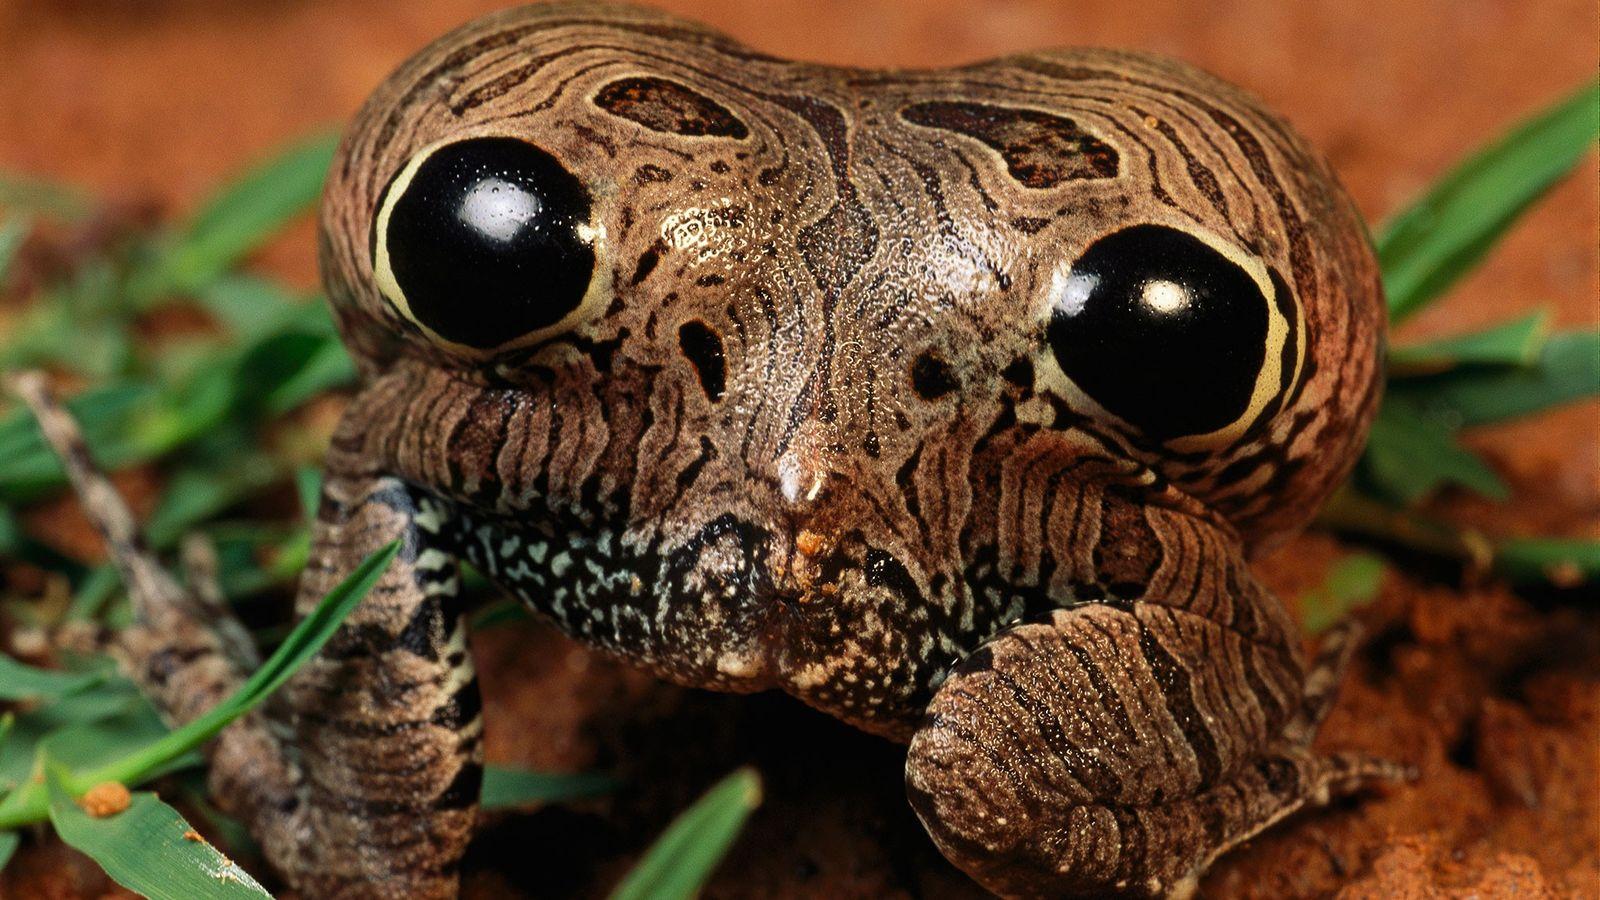 Uma rã-quatro-olhos infla a região posterior de seu corpo para assustar predadores com seus olhos falsos.